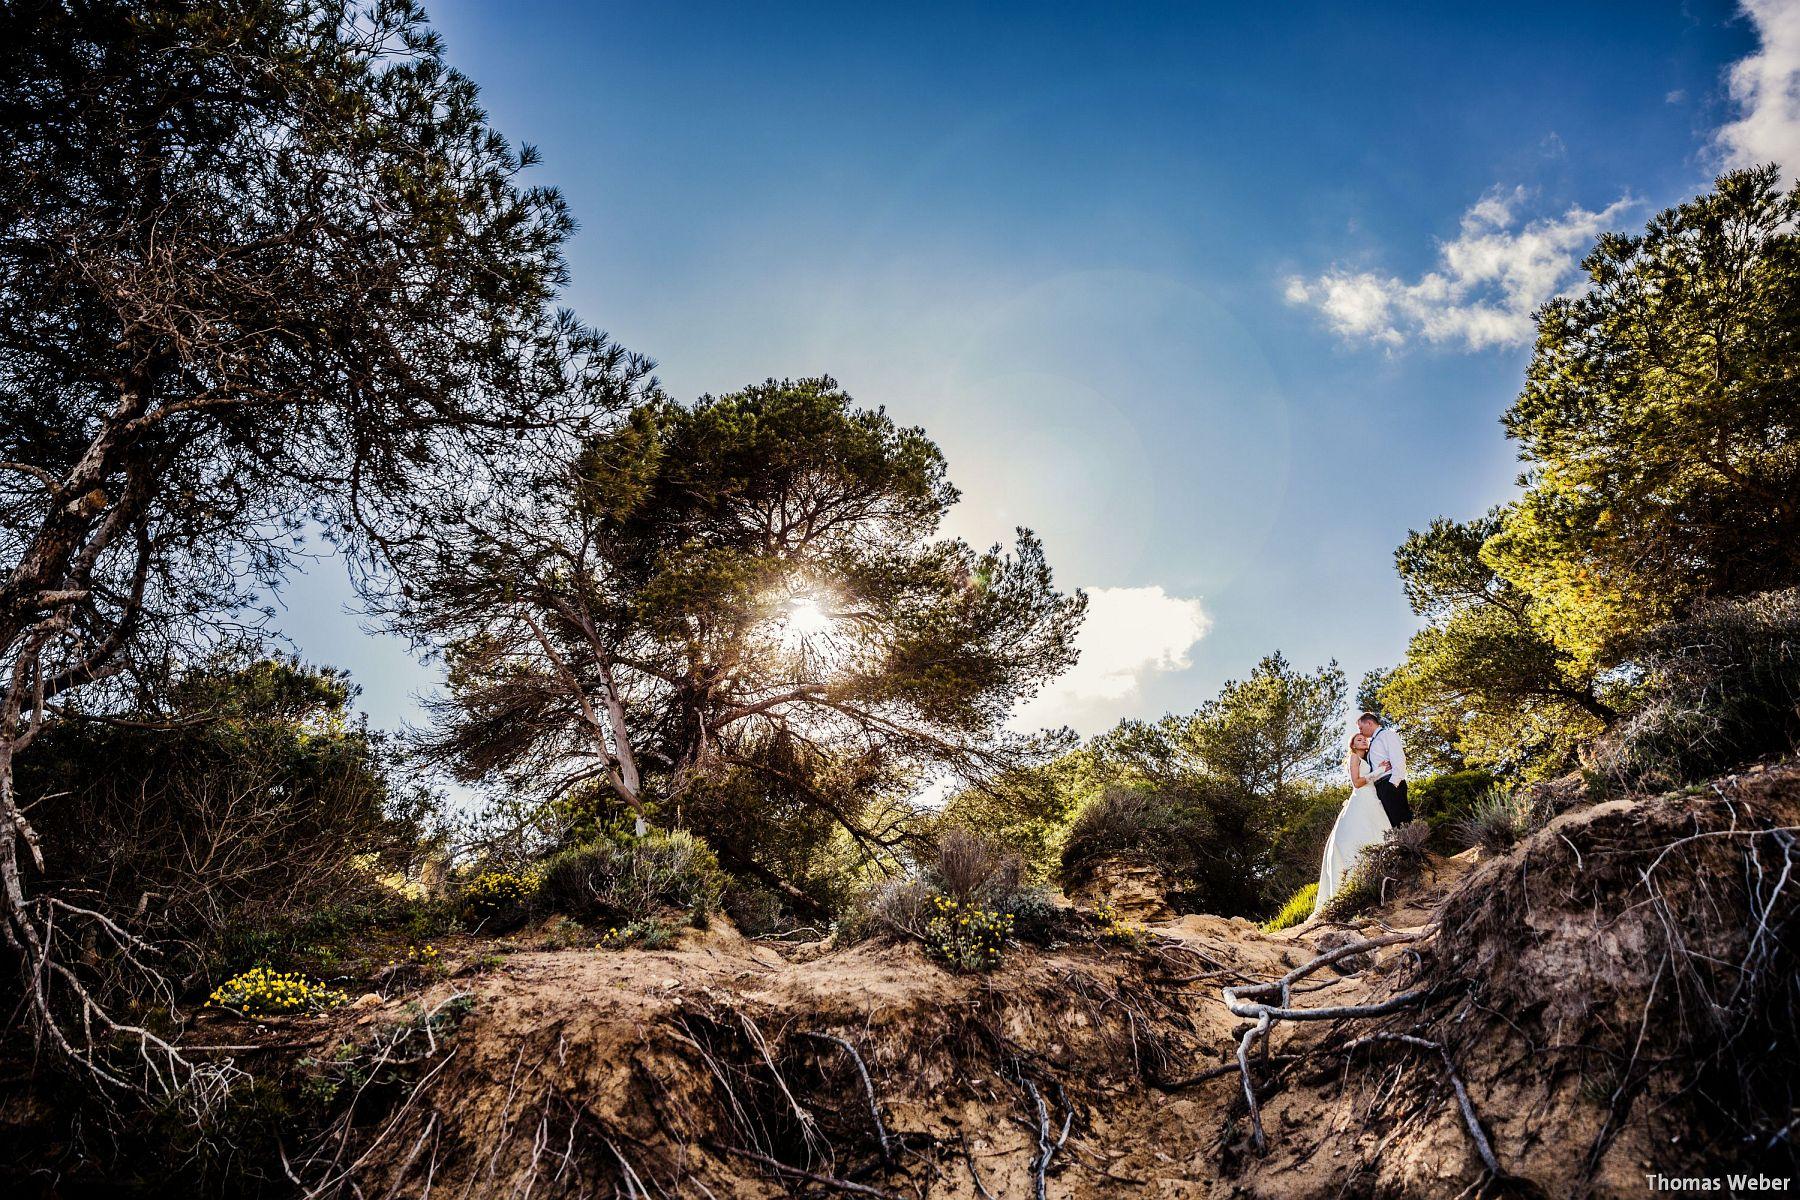 Hochzeitsfotograf Thomas Weber aus Oldenburg: Hochzeitsfotos und Paarfotos auf Mallorca (2)